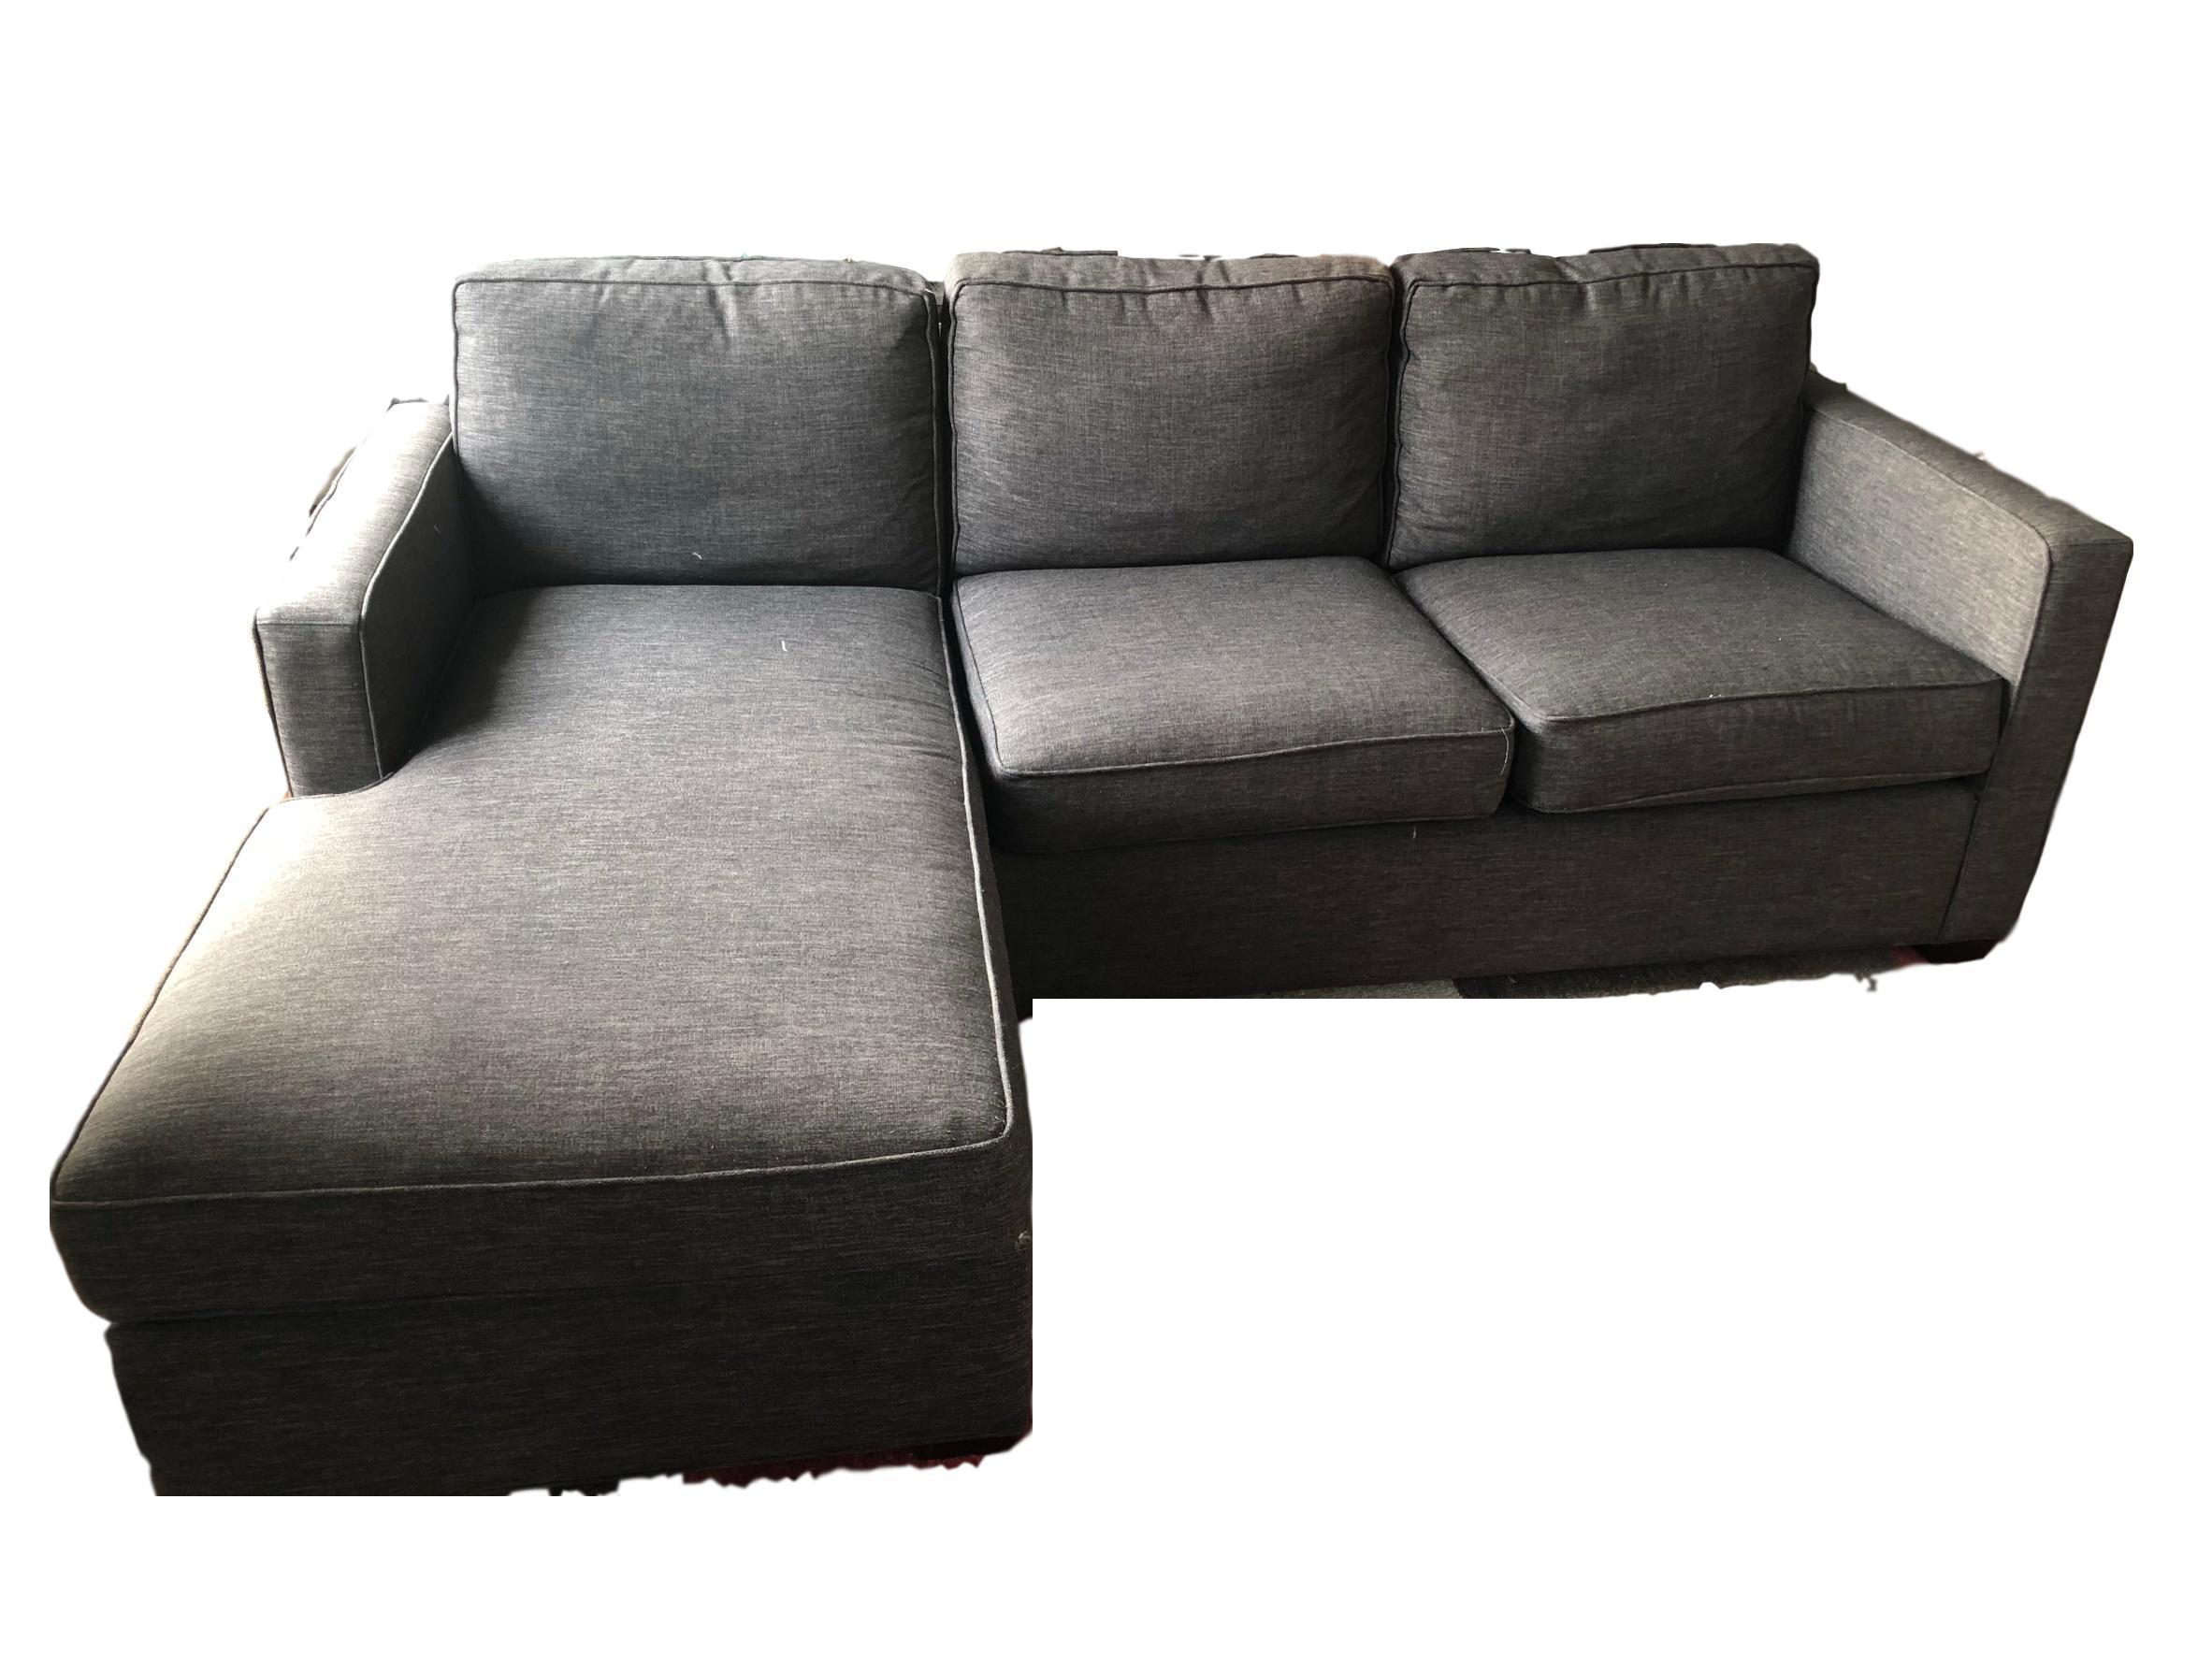 Crate U0026 Barrel Lounge II Petite 2 Piece Sectional Sofa